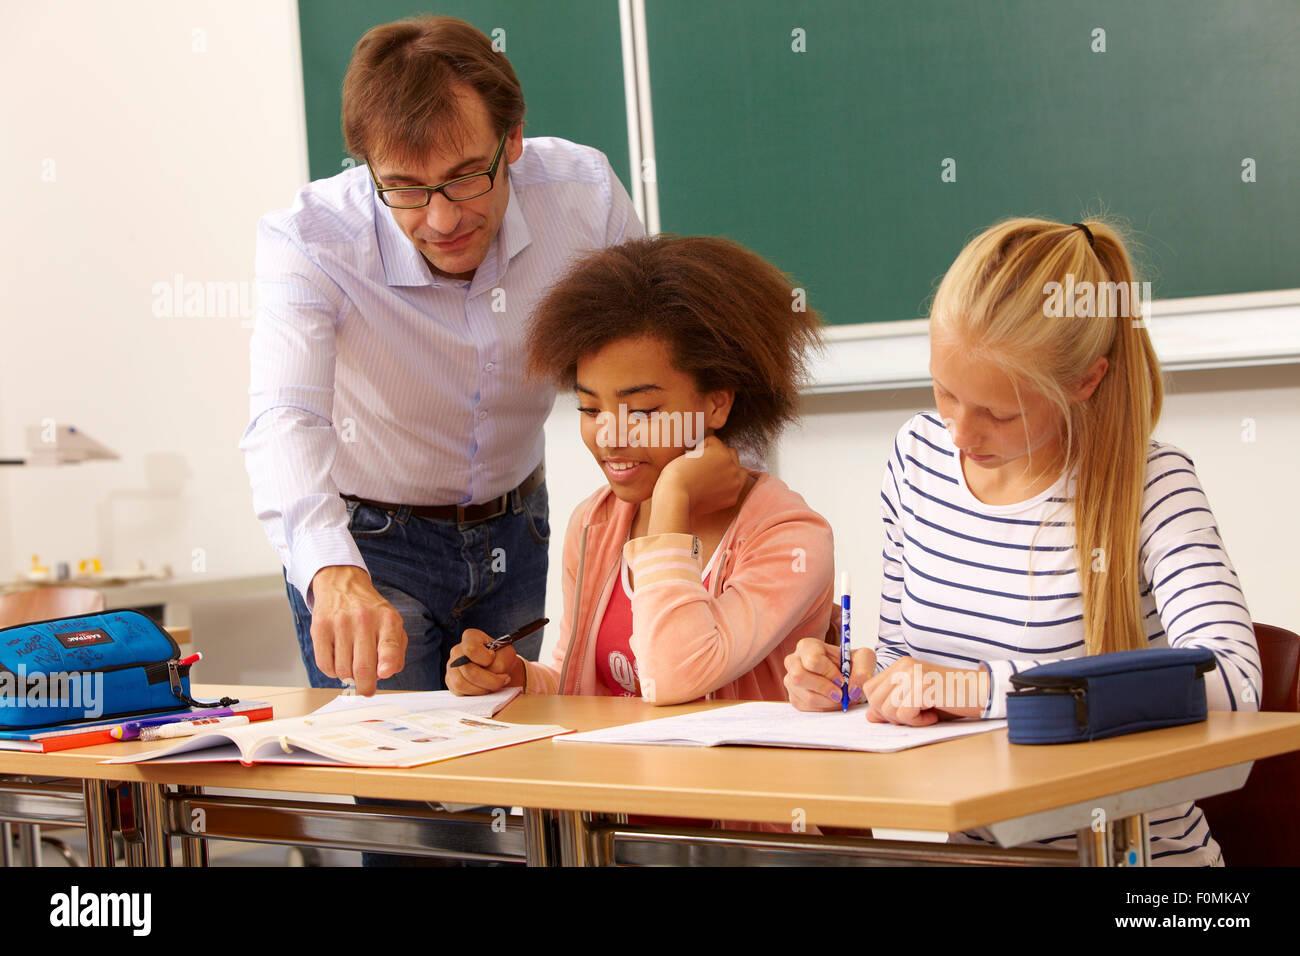 Lehrer hilft zwei Schülerinnen im Unterricht Stockfoto